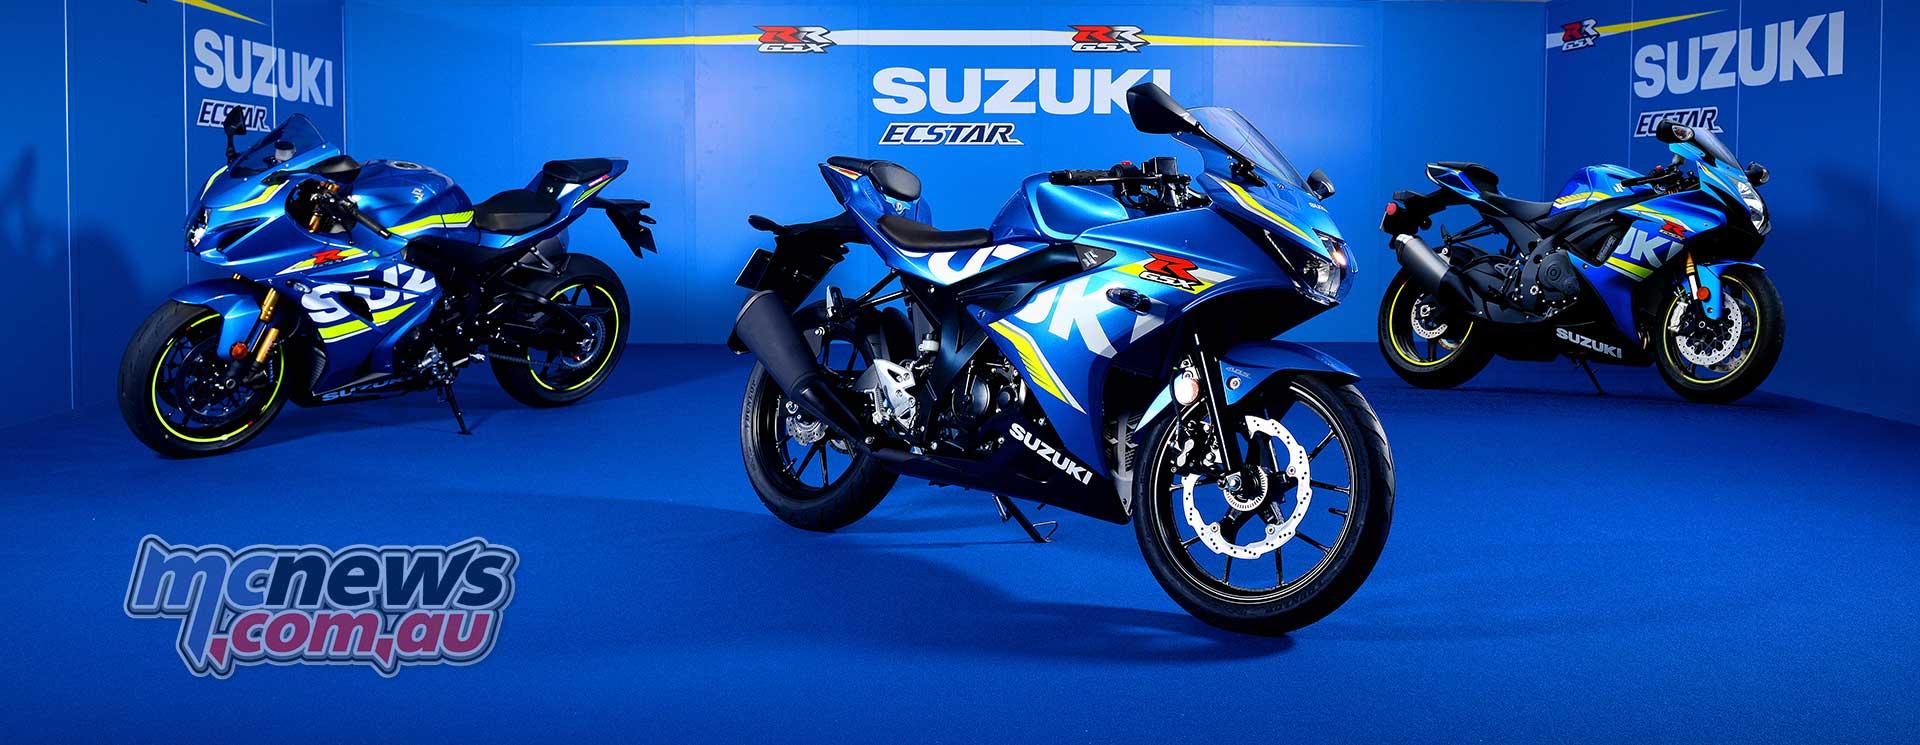 Suzuki GSX-S125 GSX-R125 Review | Motorcycle Test | MCNews